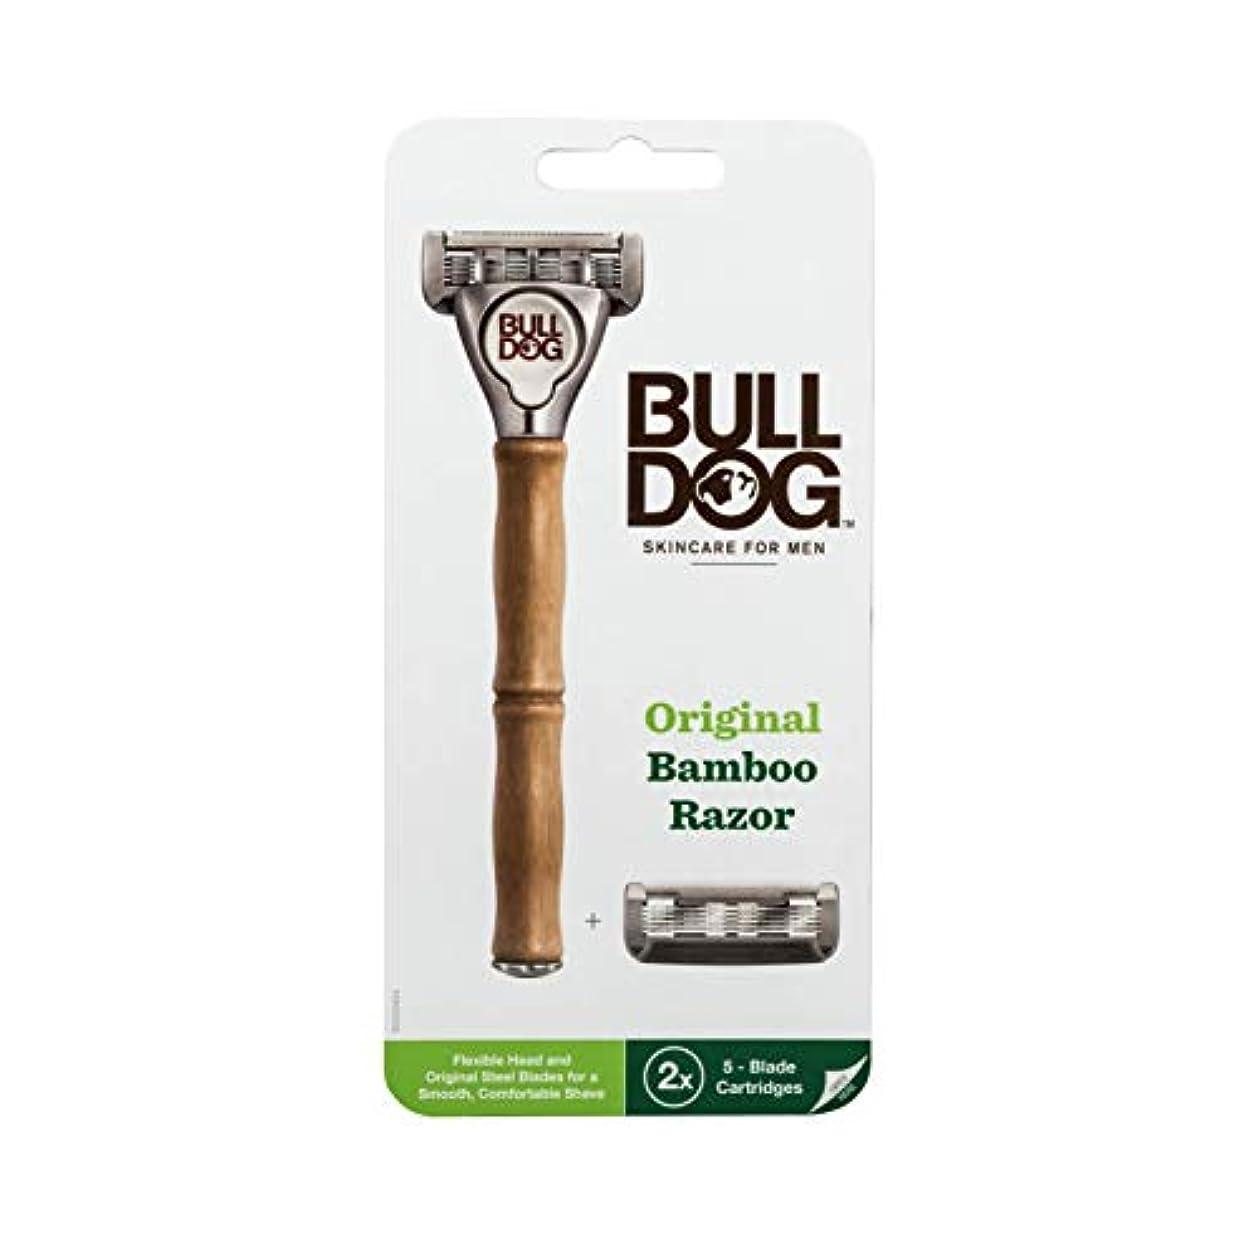 ランク憎しみ霜Bulldog(ブルドッグ) ブルドッグ Bulldog 5枚刃 オリジナルバンブーホルダー 水に強い竹製ハンドル 替刃 2コ付 男性カミソリ ホルダー(1本)、替刃2コ付き(内1コ本体装着済み)